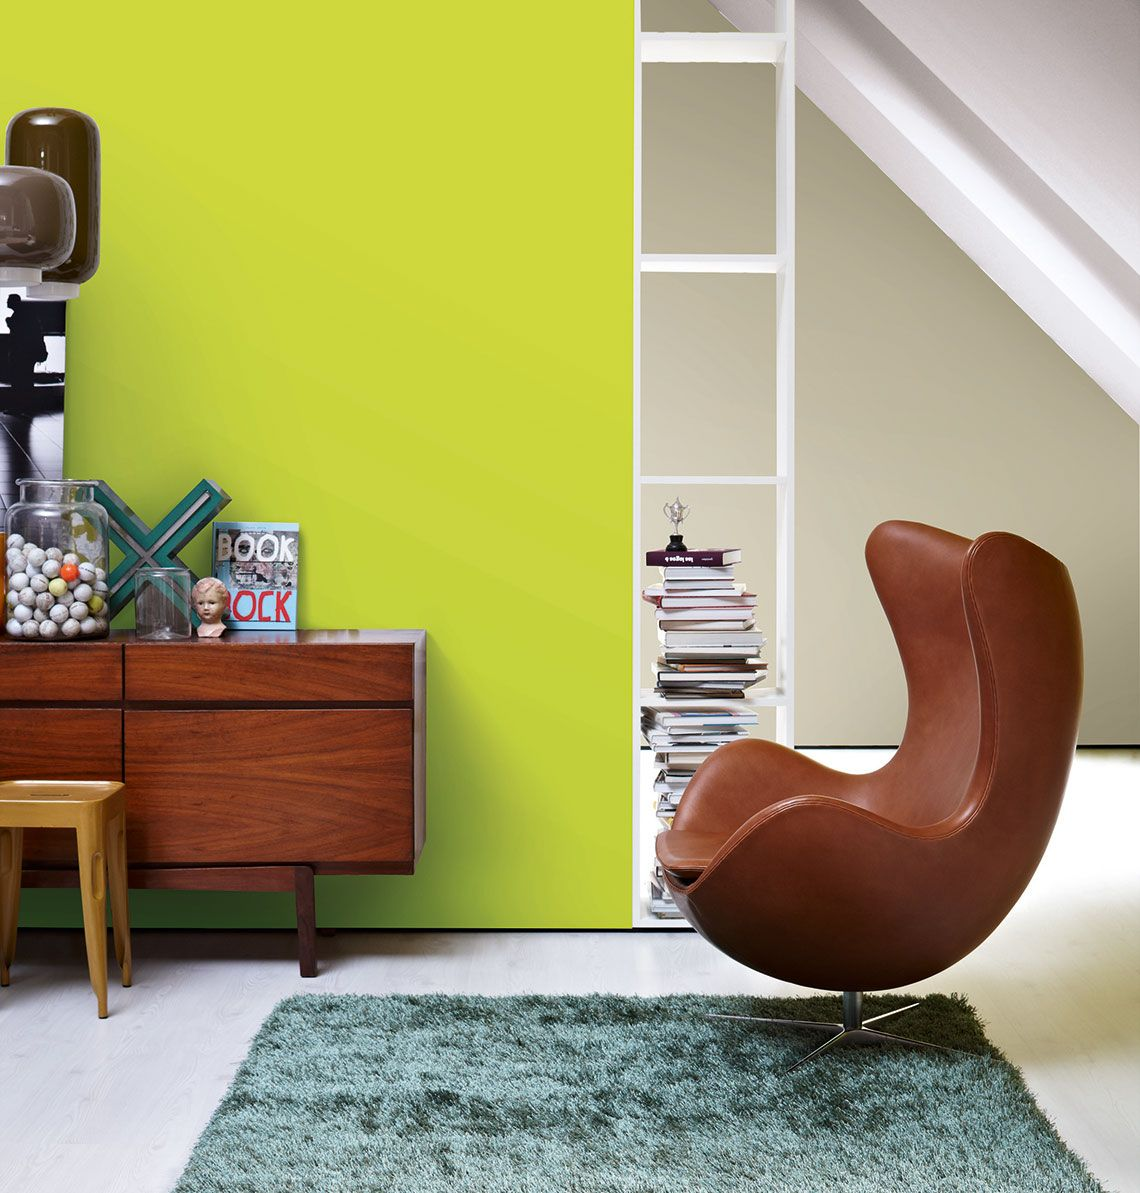 Sessel In Knalligen Zimmer Mit Wandfarbe Trendfarbe Fresh Schoner Wohnen Farbe Schoner Wohnen Und Wohnen